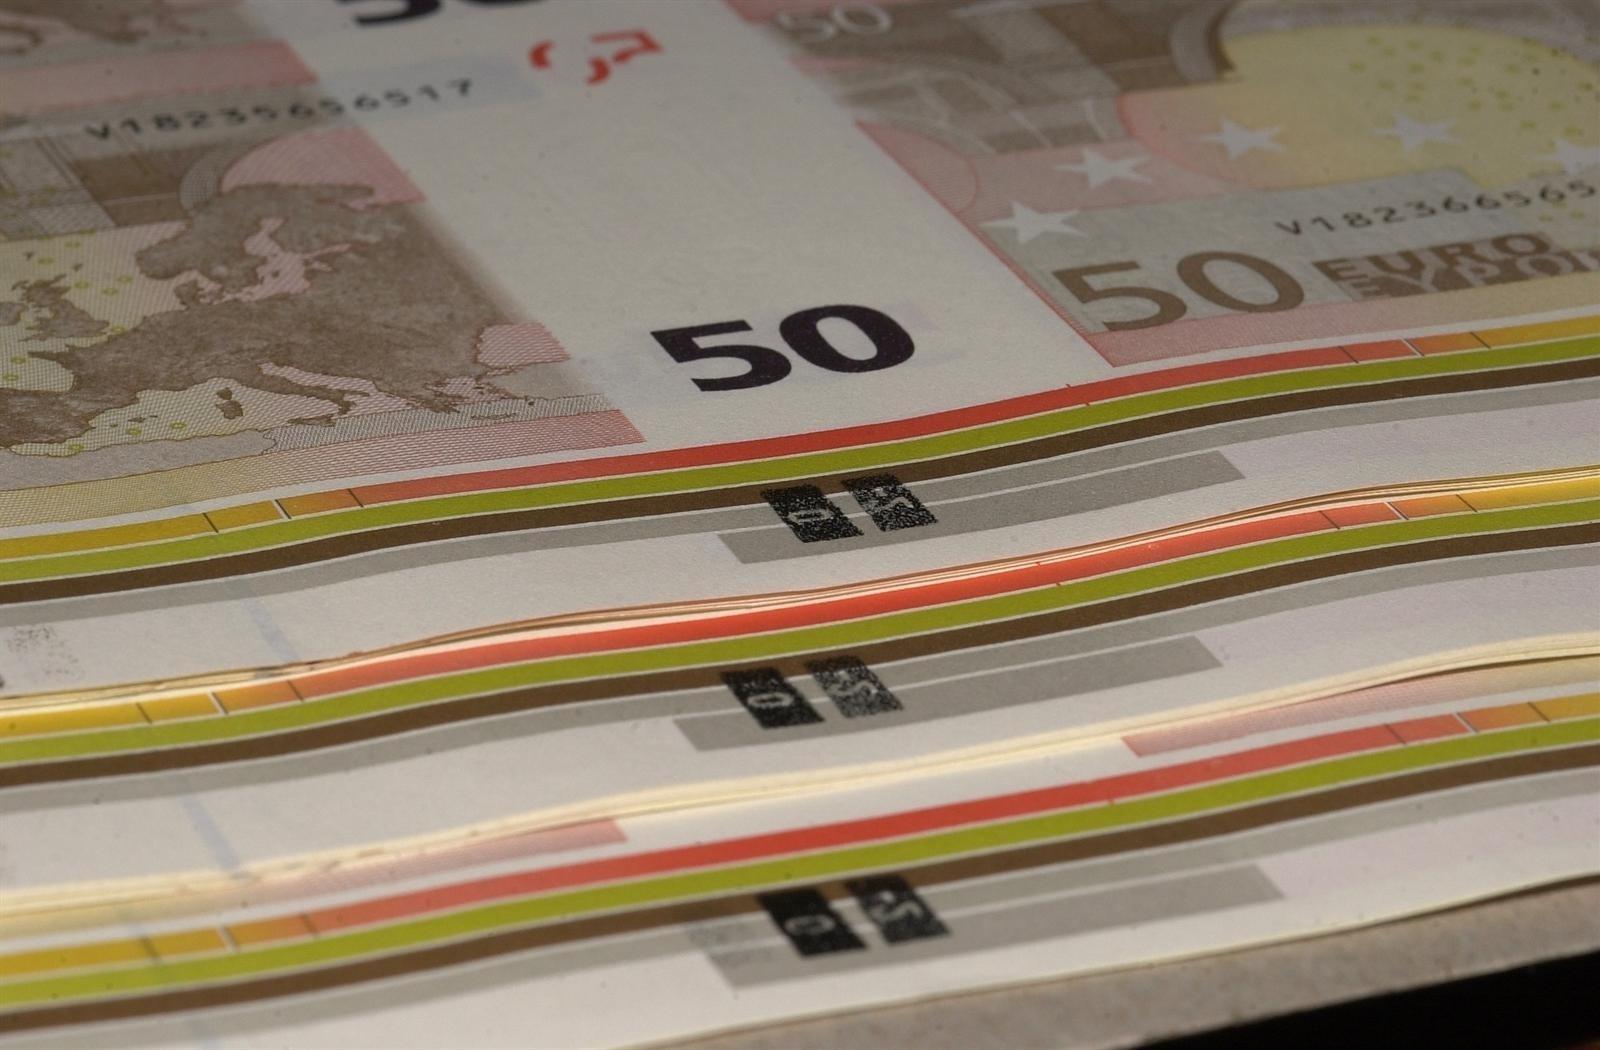 La deuda pública de la Región se eleva al 17,7% del PIB en el segundo trimestre, según el Banco de España